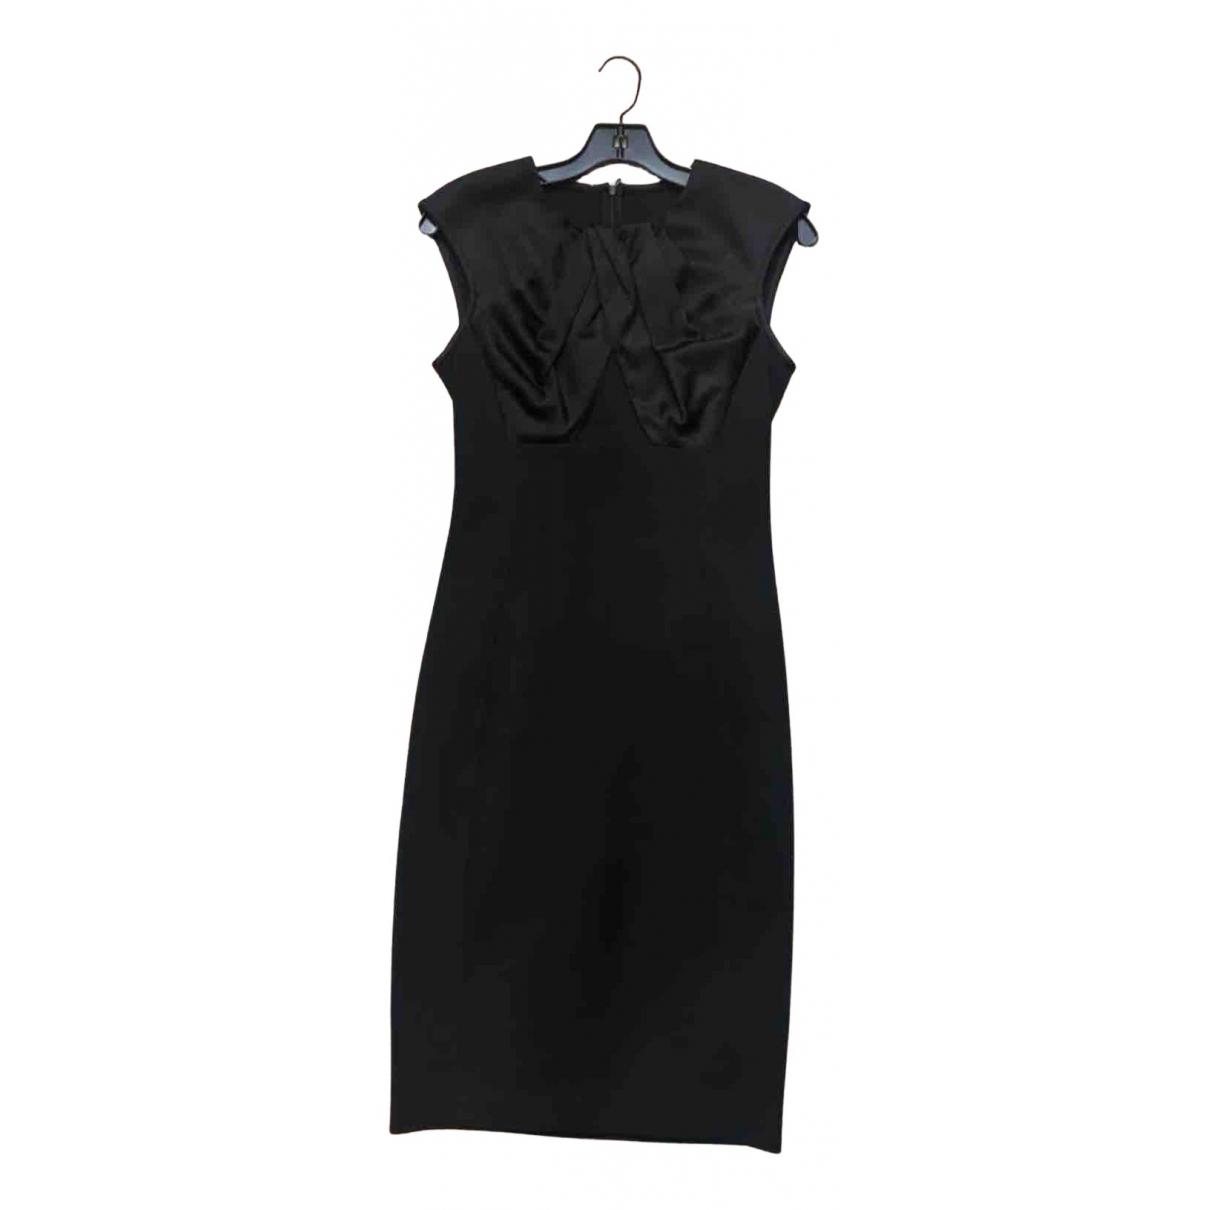 St John N Black dress for Women 2 US